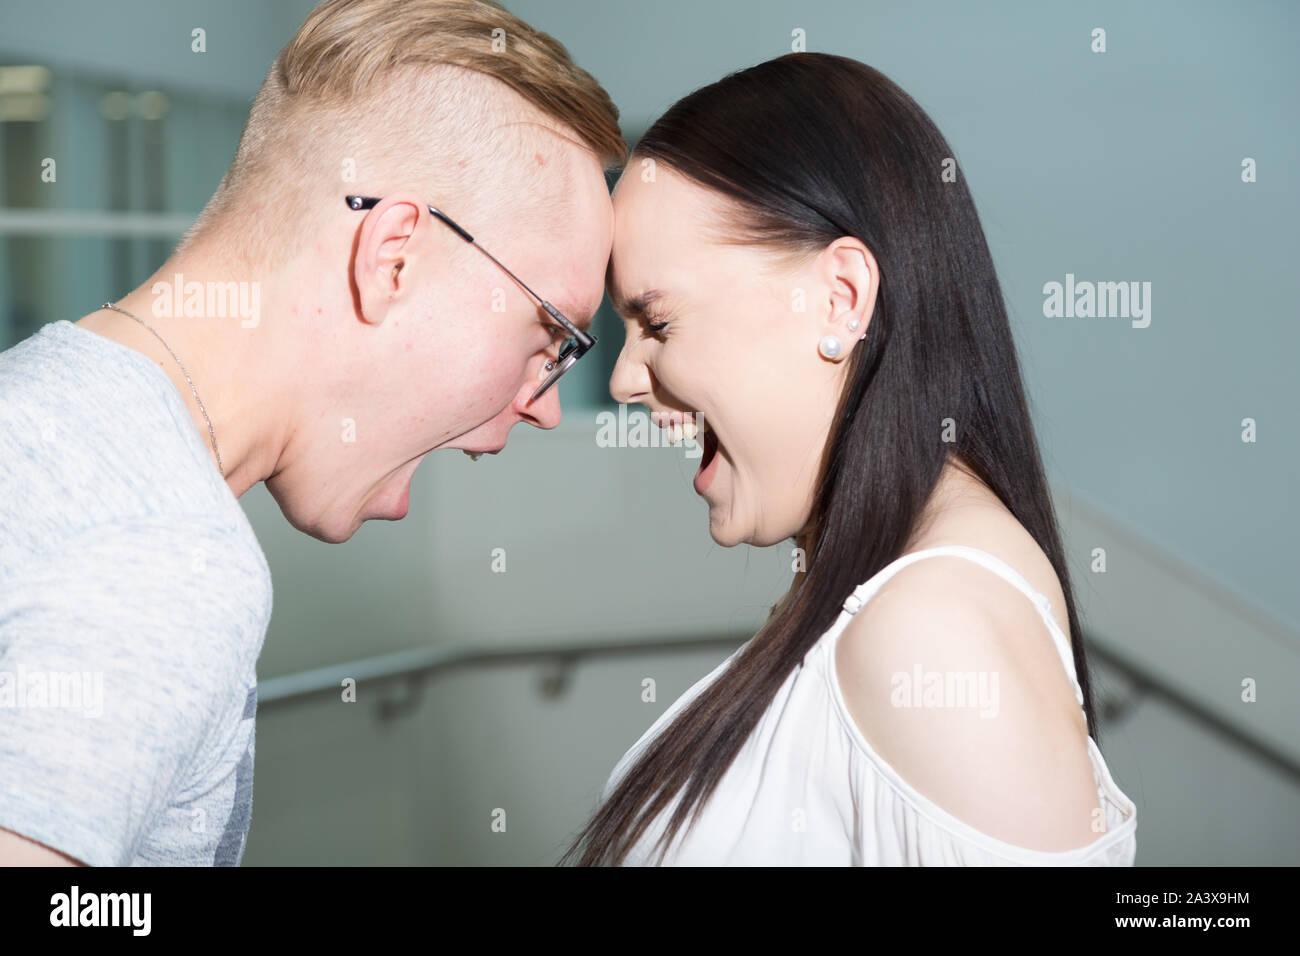 dating sivustot CT